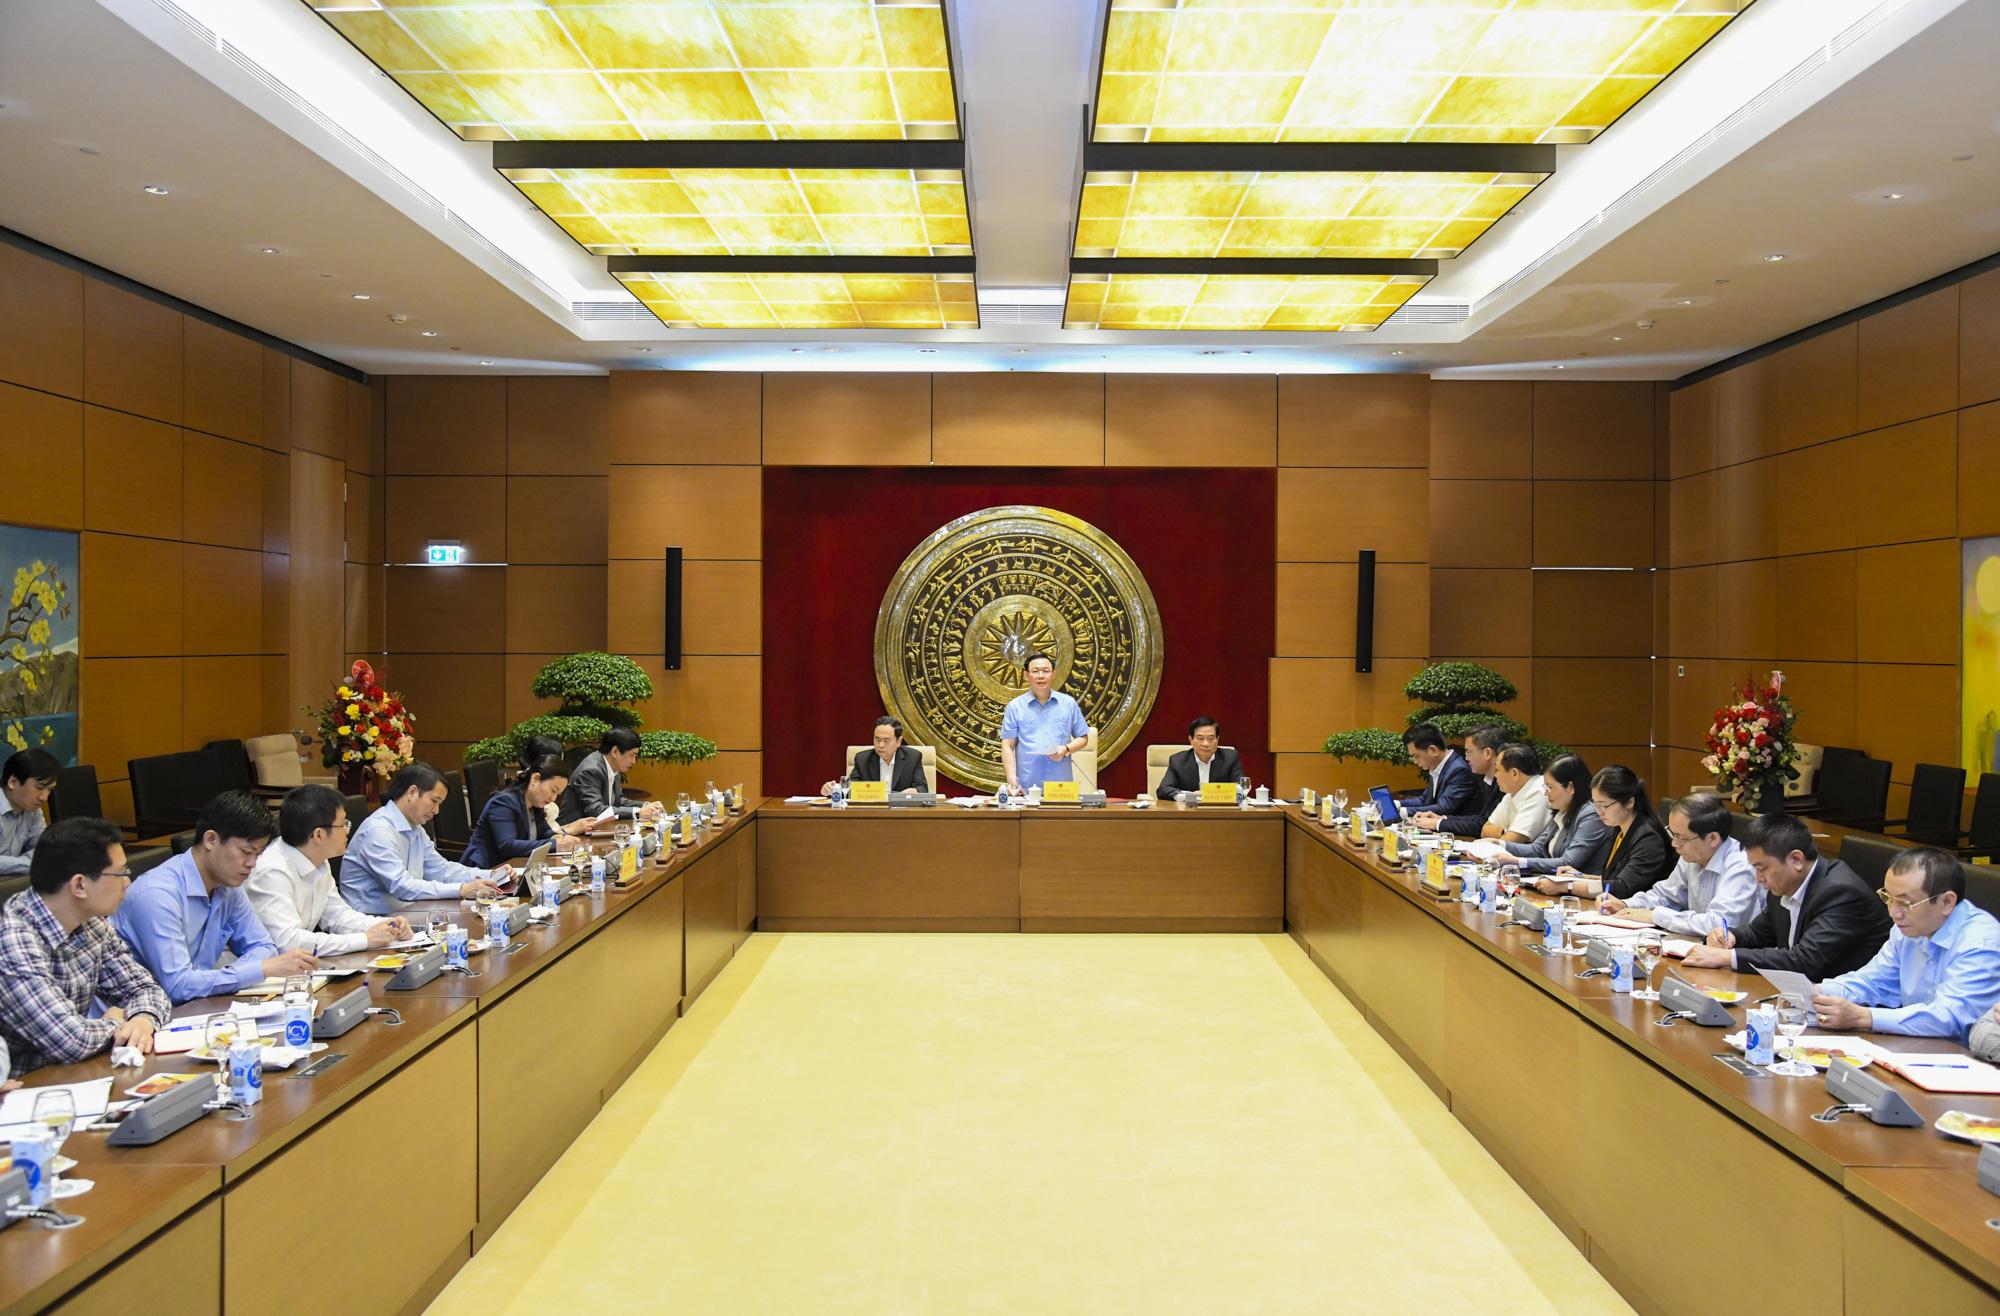 Ảnh: Chủ tịch Quốc hội Vương Đình Huệ làm việc với Hội đồng Dân tộc - Ảnh 1.